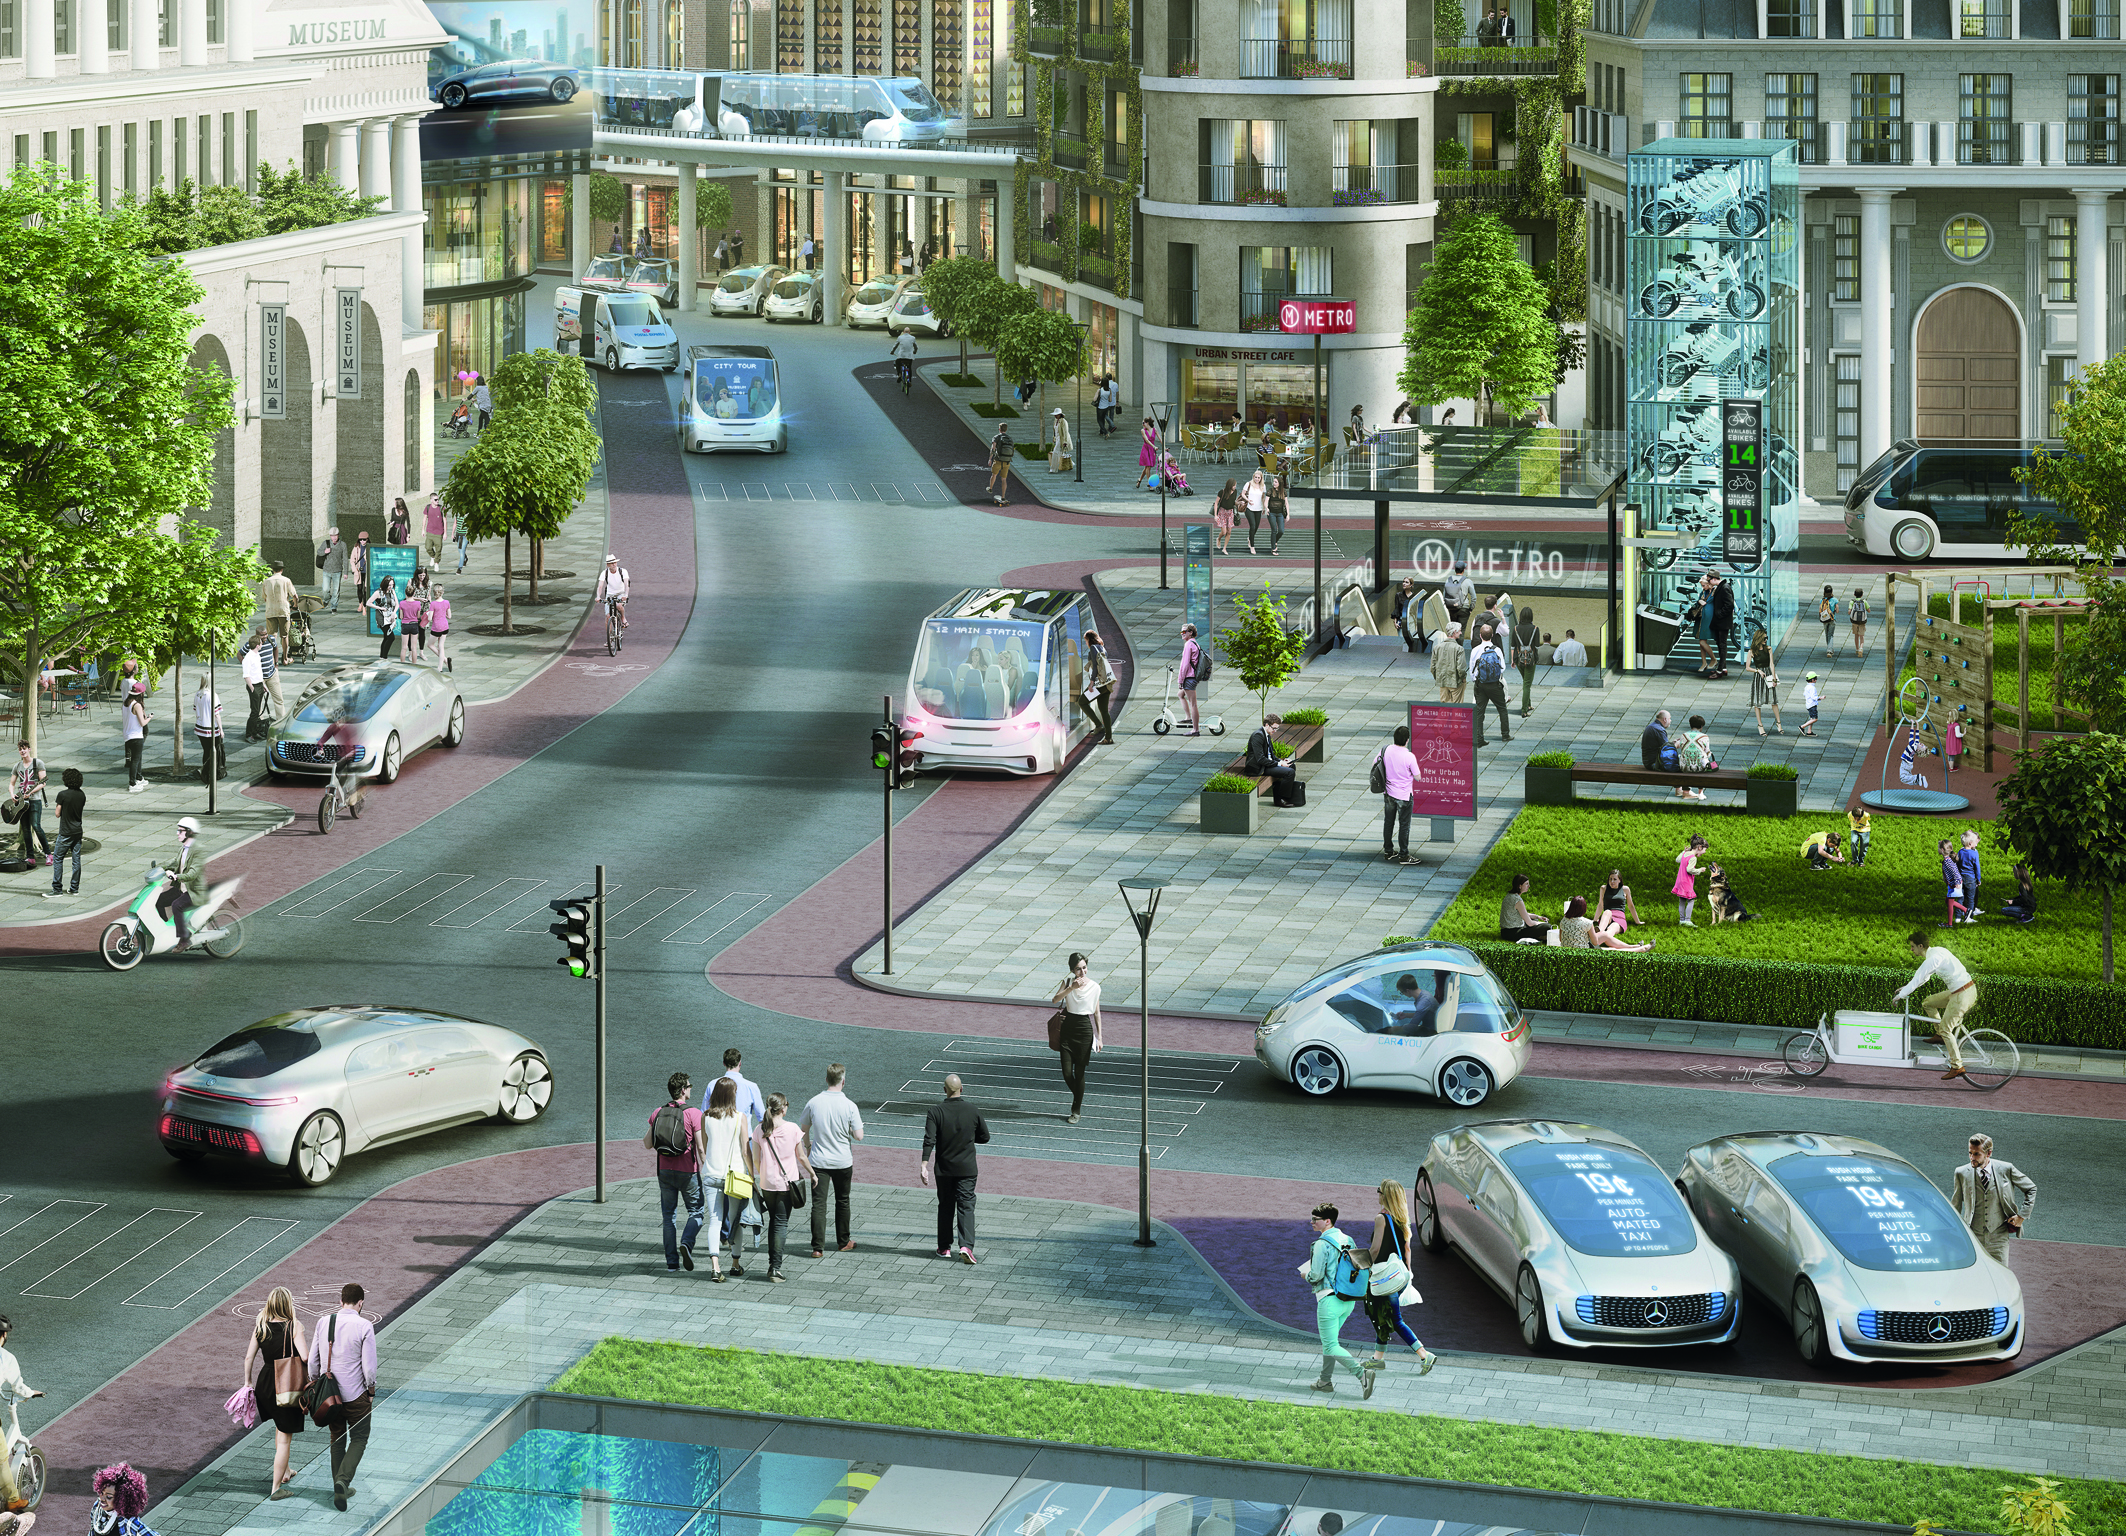 Mobilità del futuro - Bosch e Daimler stanno lavorando insieme su un sistema di guida completamente autonomo